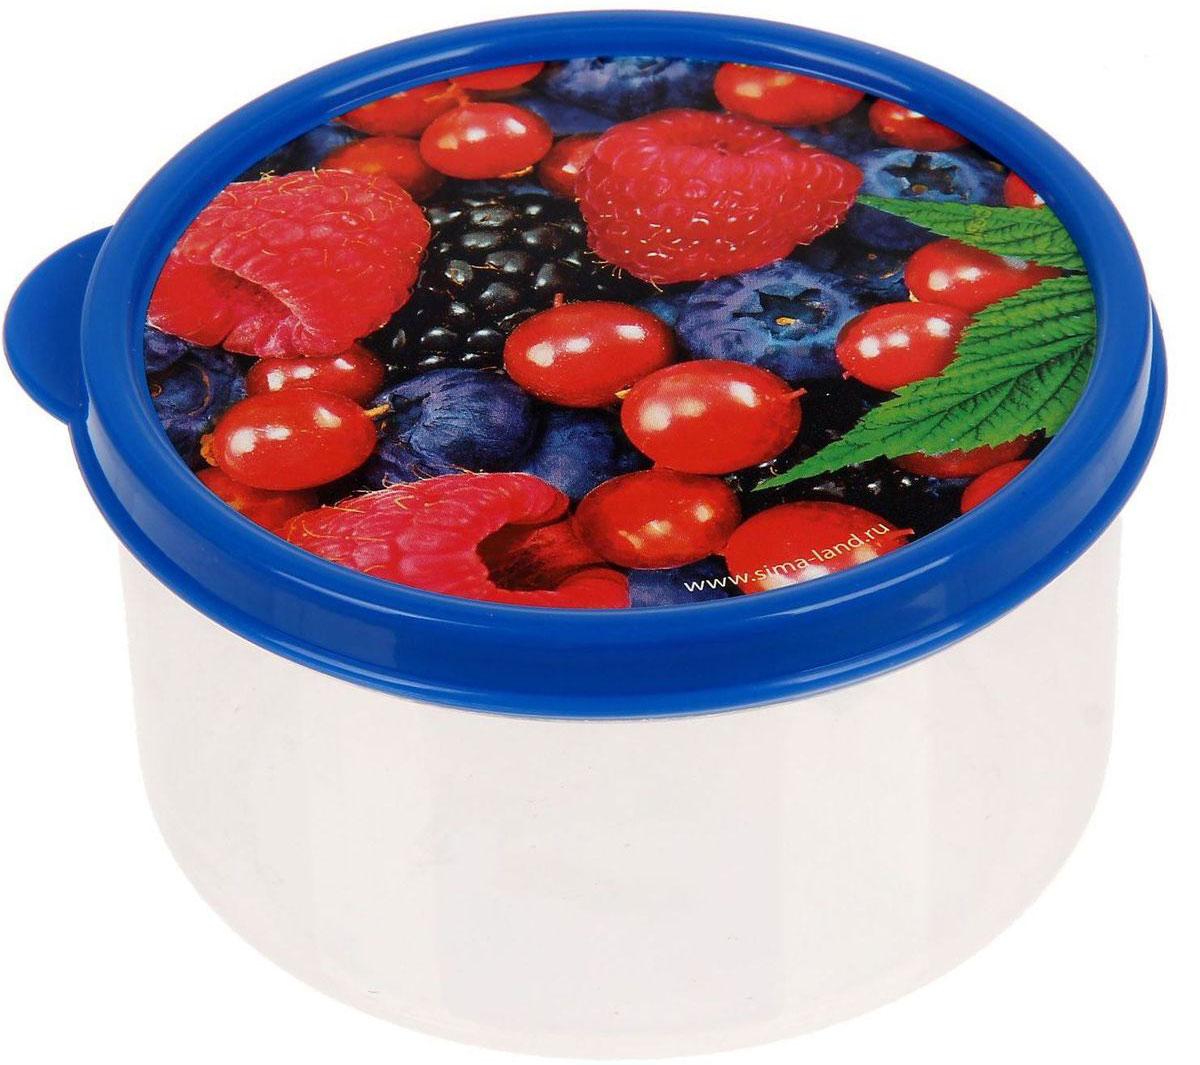 Ланч-бокс Доляна №1, круглый, 300 млVT-1520(SR)Если после вкусного обеда осталась еда, а насладиться трапезой хочется и на следующий день, ланч-бокс станет отличным решением данной проблемы!Такой контейнер является незаменимым предметом кухонной утвари, ведь у него много преимуществ:Простота ухода. Ланч-бокс достаточно промыть тёплой водой с небольшим количеством чистящего средства, и он снова готов к использованию.Вместительность. Большой выбор форм и объёма поможет разместить разнообразные продукты от сахара до супов.Эргономичность. Ланч-боксы очень легко хранить даже в самой маленькой кухне, так как их можно поставить один в другой по принципу матрёшки.Многофункциональность. Разнообразие цветов и форм делает возможным использование контейнеров не только на кухне, но и в других областях домашнего быта.Любители приготовления обеда на всю семью в большинстве случаев приобретают ланч-боксы наборами, так как это позволяет рассортировать продукты по всевозможным признакам. К тому же контейнеры среднего размера станут незаменимыми помощниками на работе: ведь что может быть приятнее, чем порадовать себя во время обеда прекрасной едой, заботливо сохранённой в контейнере?В качестве материала для изготовления используется пластик, что делает процесс ухода за контейнером ещё более эффективным. К каждому ланч-боксу в комплекте также прилагается крышка подходящего размера, это позволяет плотно и надёжно удерживать запах еды и упрощает процесс транспортировки.Однако рекомендуется соблюдать и меры предосторожности: не использовать пластиковые контейнеры в духовых шкафах и на открытом огне, а также не разогревать в микроволновых печах при закрытой крышке ланч-бокса. Соблюдение мер безопасности позволит продлить срок эксплуатации и сохранить отличный внешний вид изделия.Эргономичный дизайн и многофункциональность таких контейнеров — вот, что является причиной большой популярности данного предмета у каждой хозяйки. А в преддверии лета и дачного сезона такое приобретение позволит по